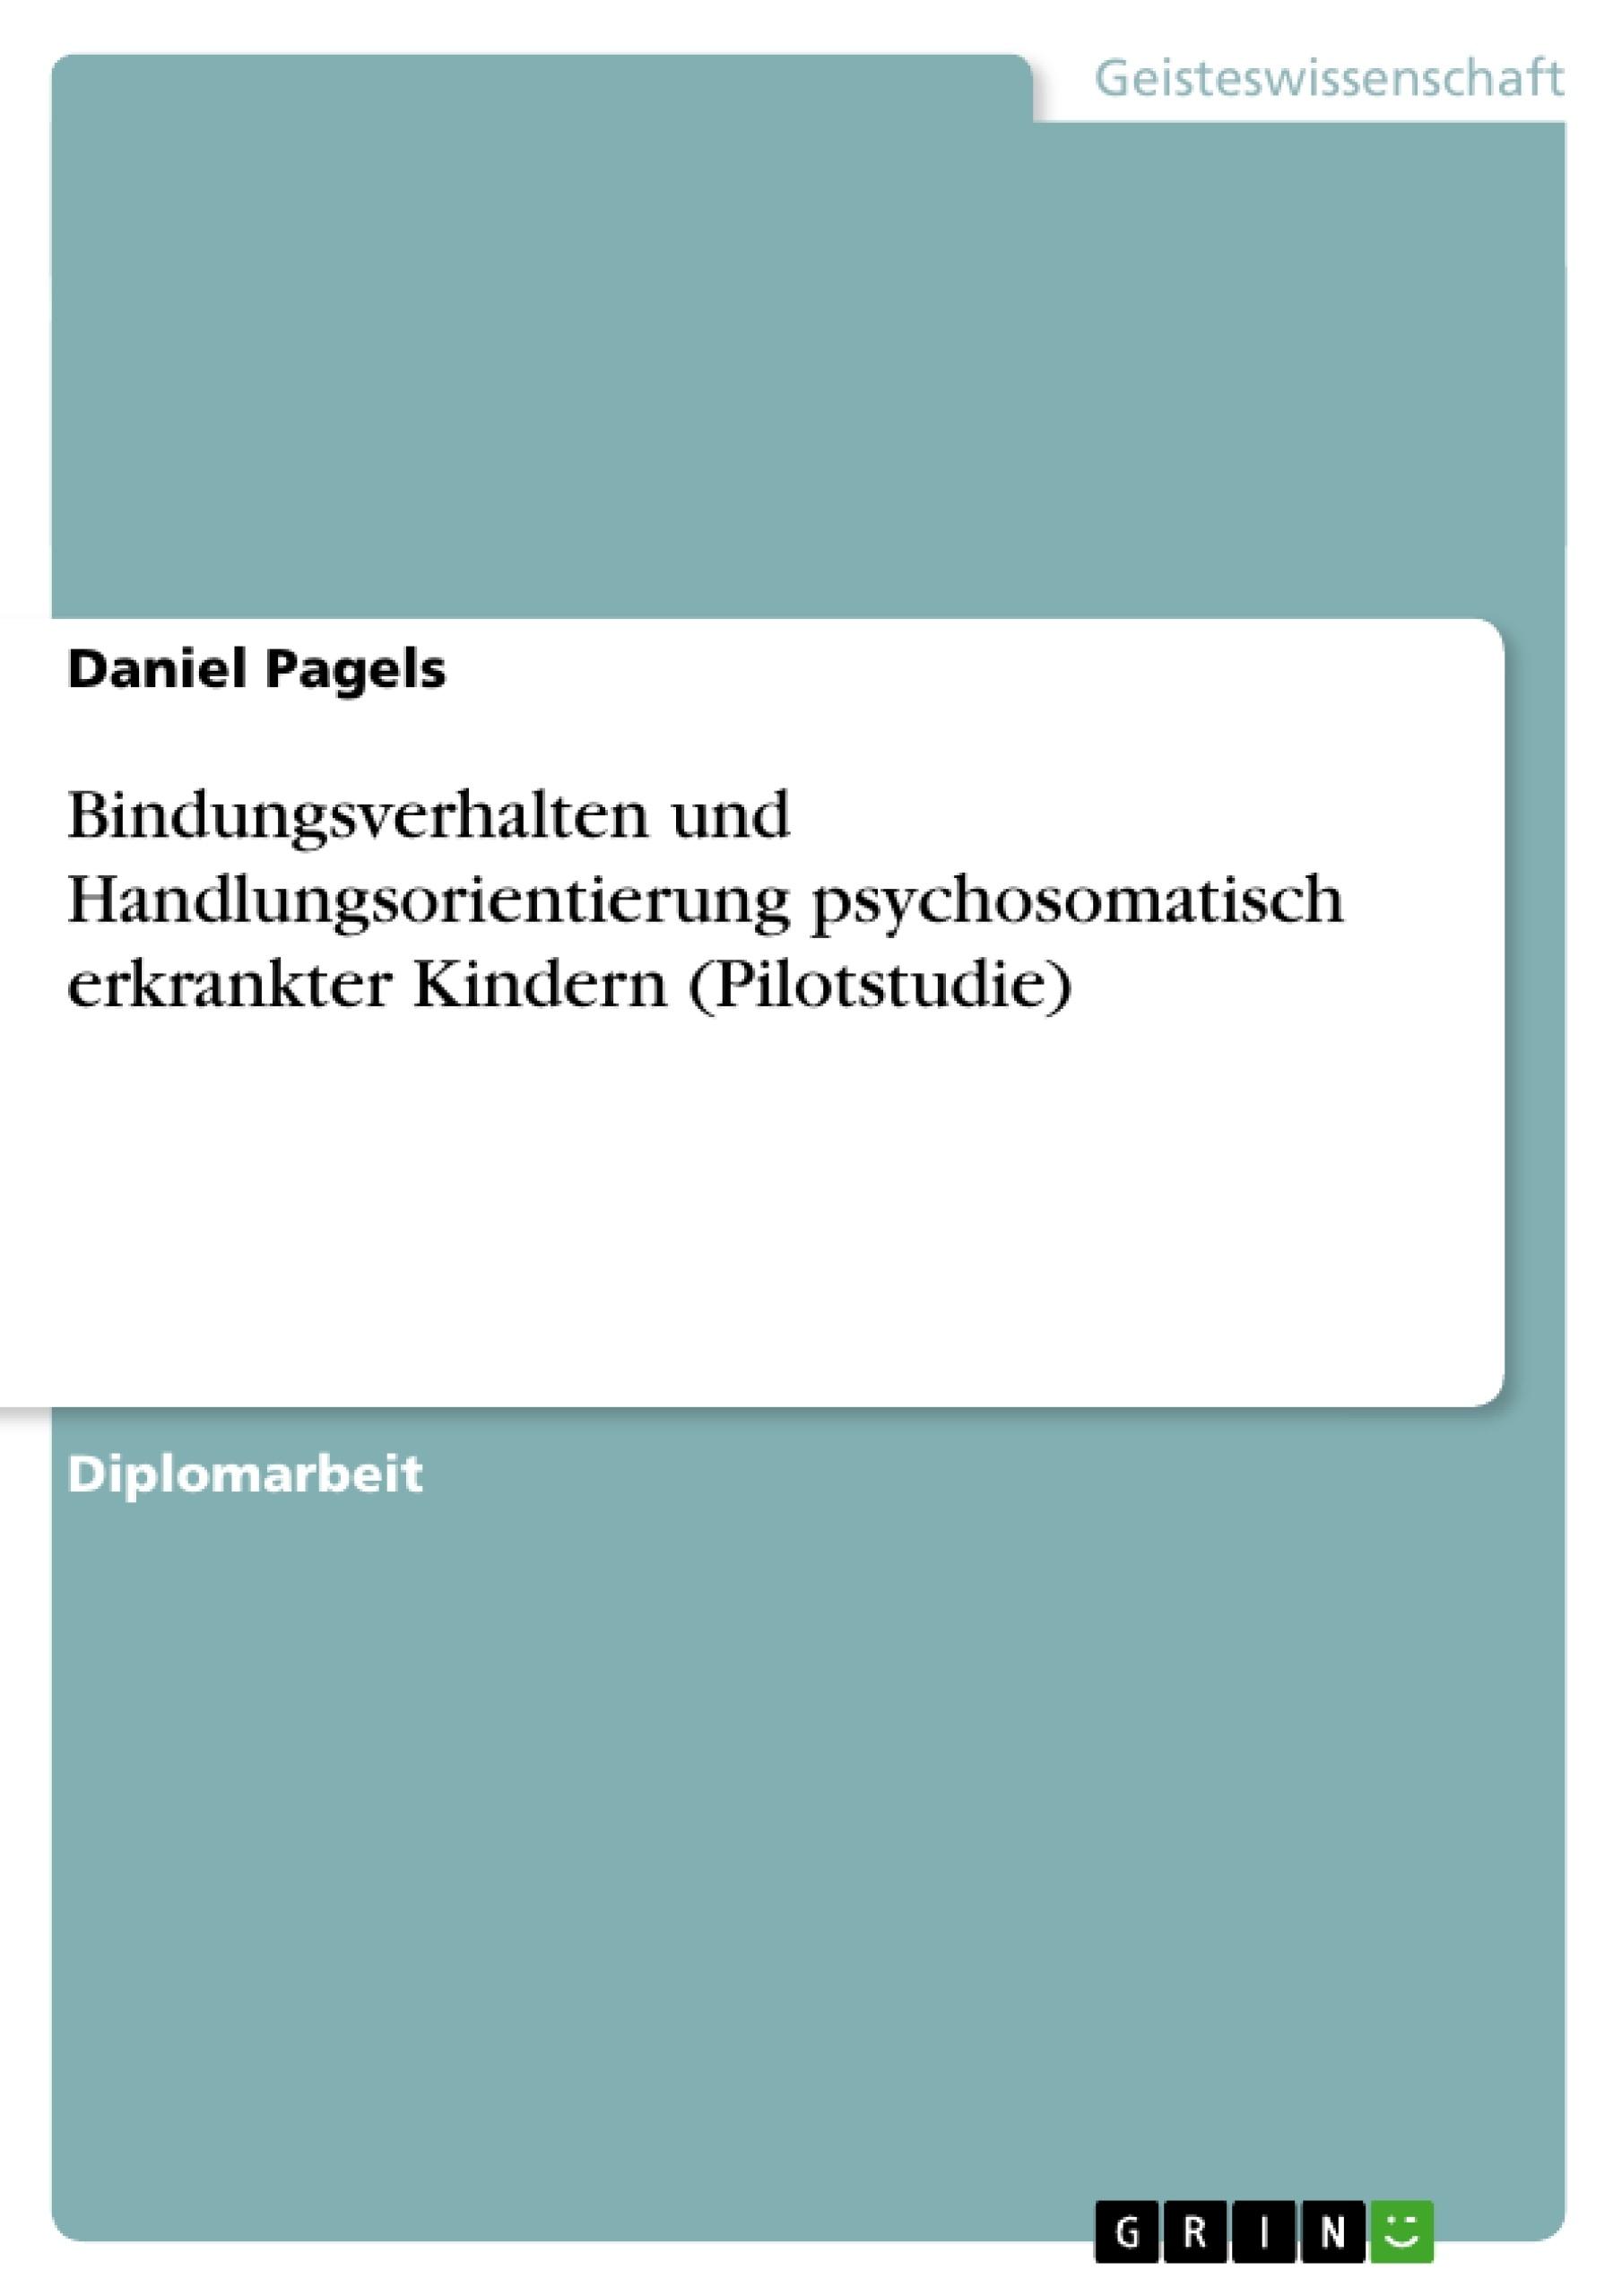 Titel: Bindungsverhalten und Handlungsorientierung psychosomatisch erkrankter Kindern (Pilotstudie)